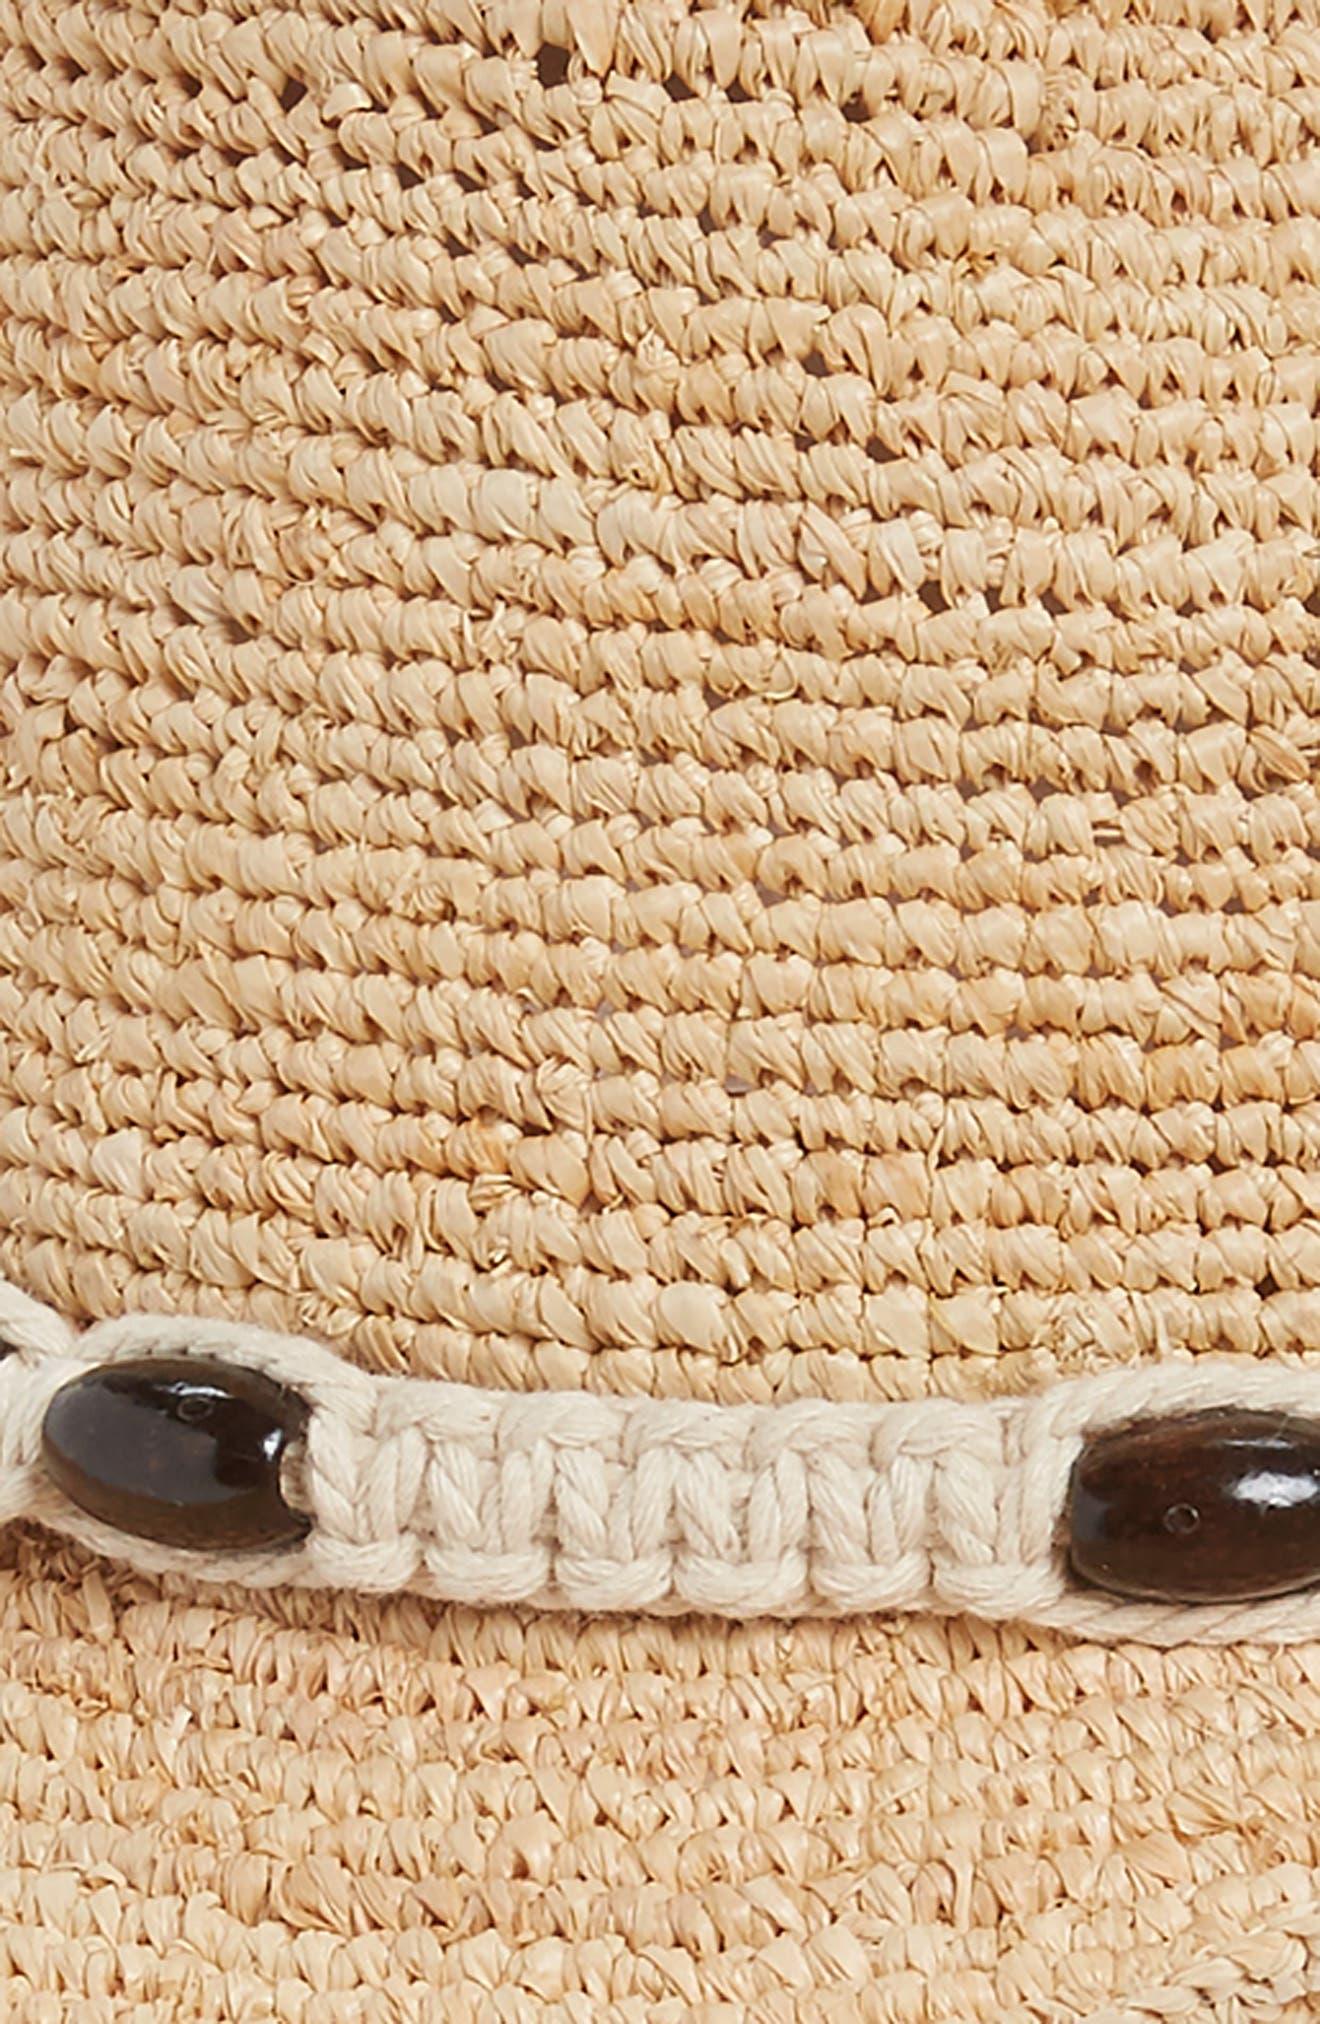 Raffia Cowboy Hat with Macramé Trim,                             Alternate thumbnail 2, color,                             235